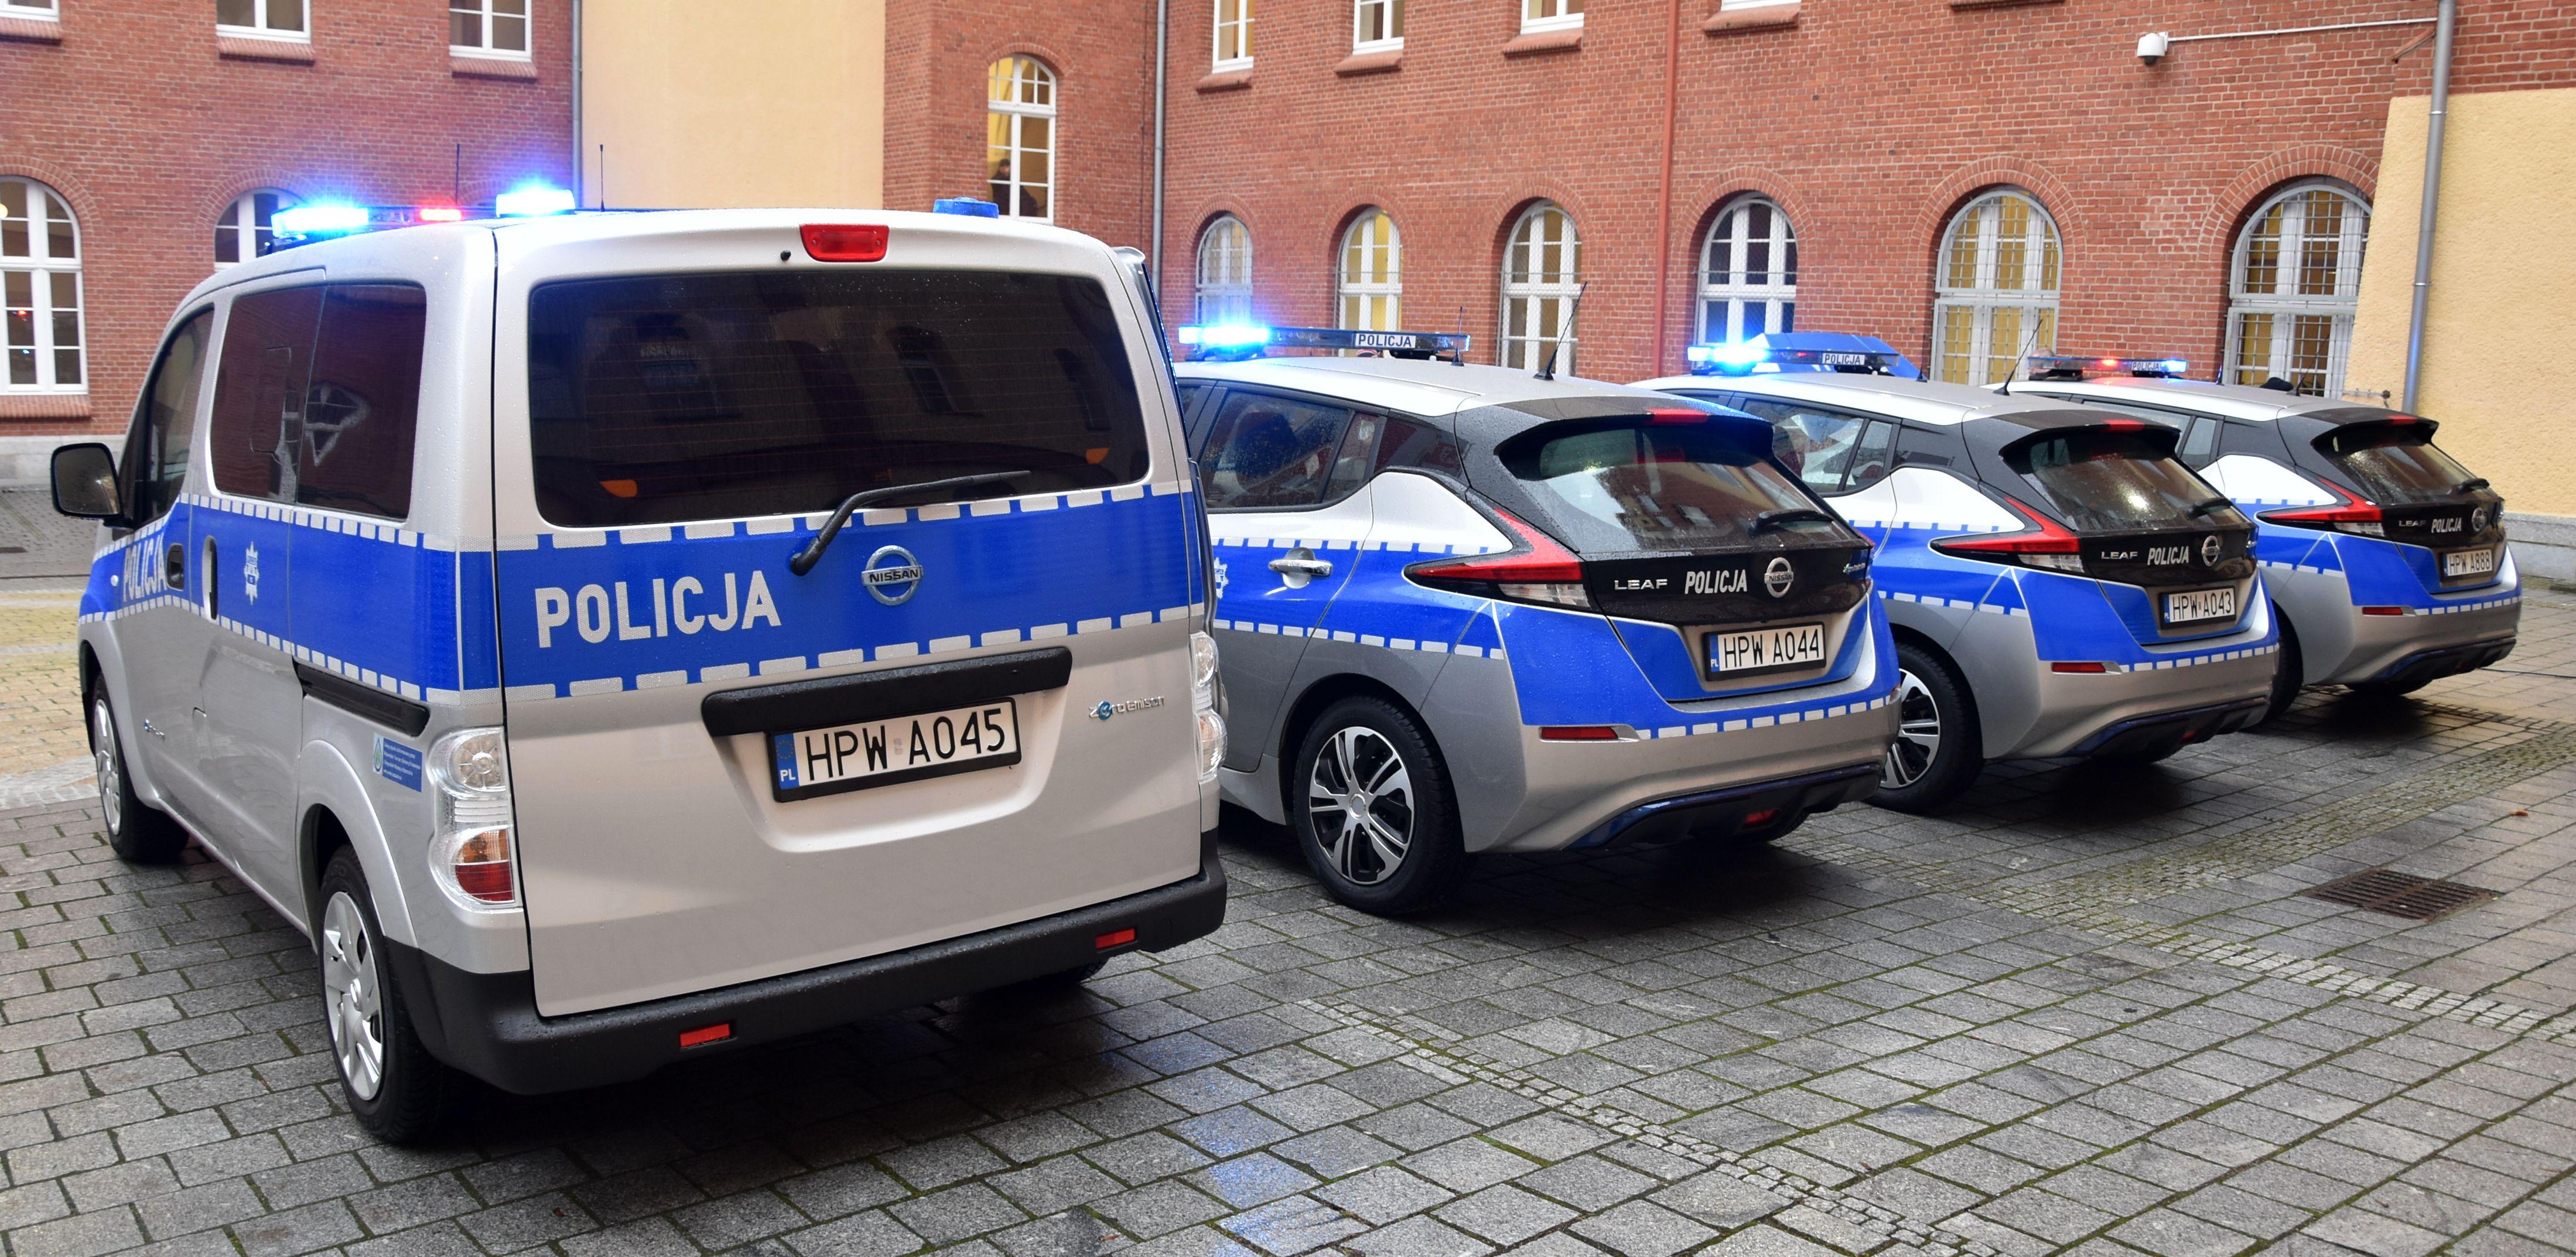 Nowe auta będą mogły wjeżdżać na tereny, gdzie zabronione jest korzystanie z silników spalinowych (fot. zachodniopomorska.policja.gov.pl)